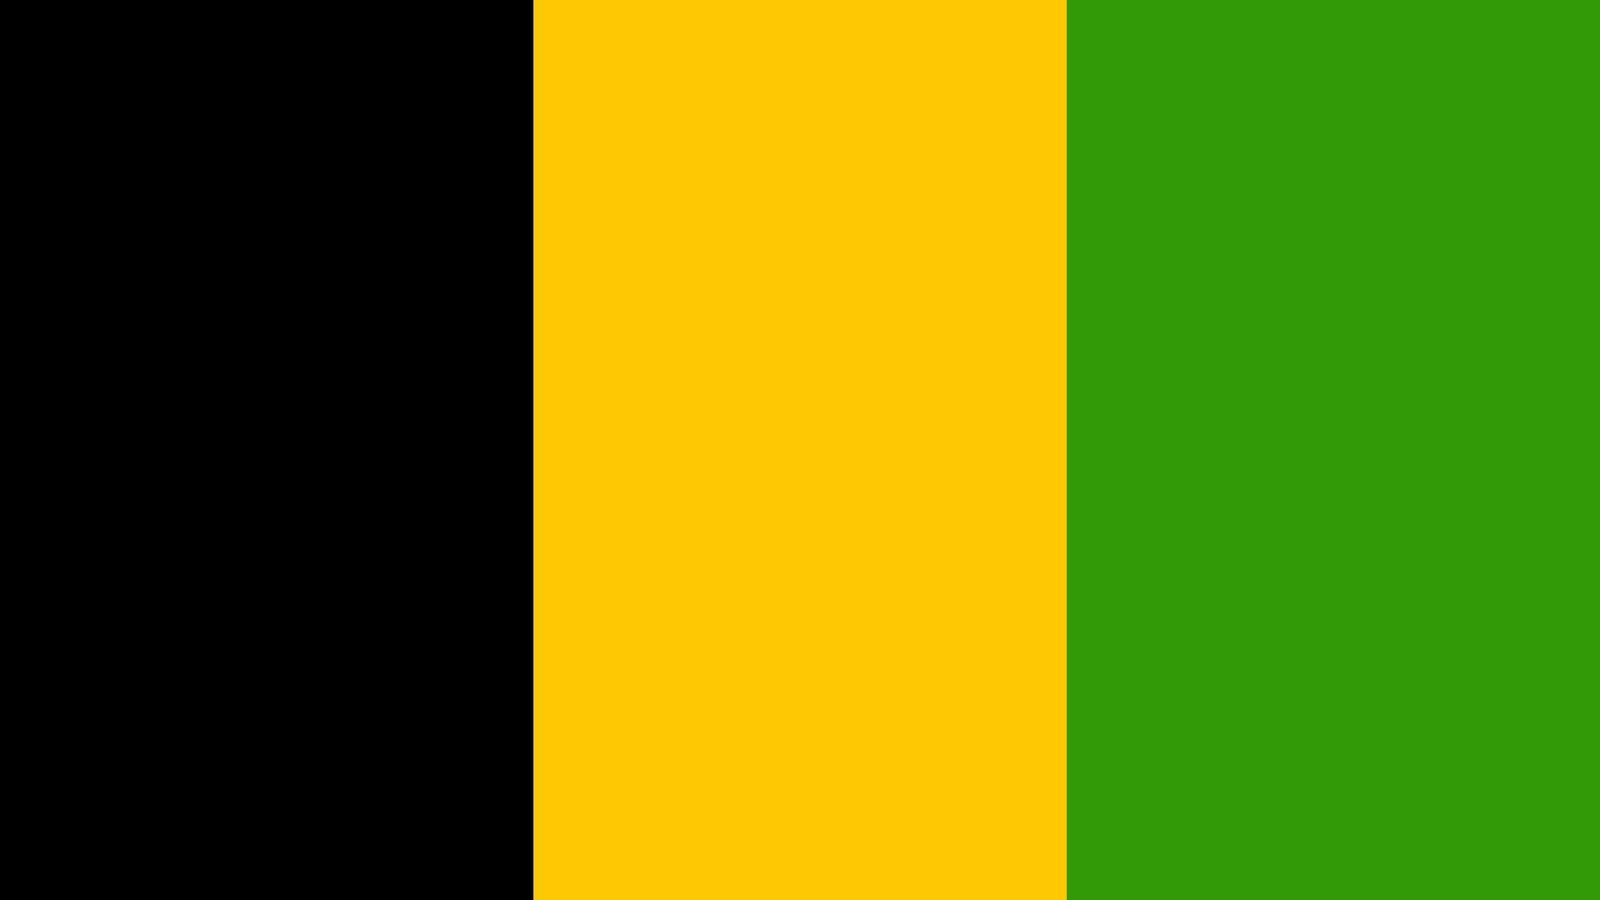 Grafik - Koalition Flagge - Jamaika - Schwarz-Gelb-Grün